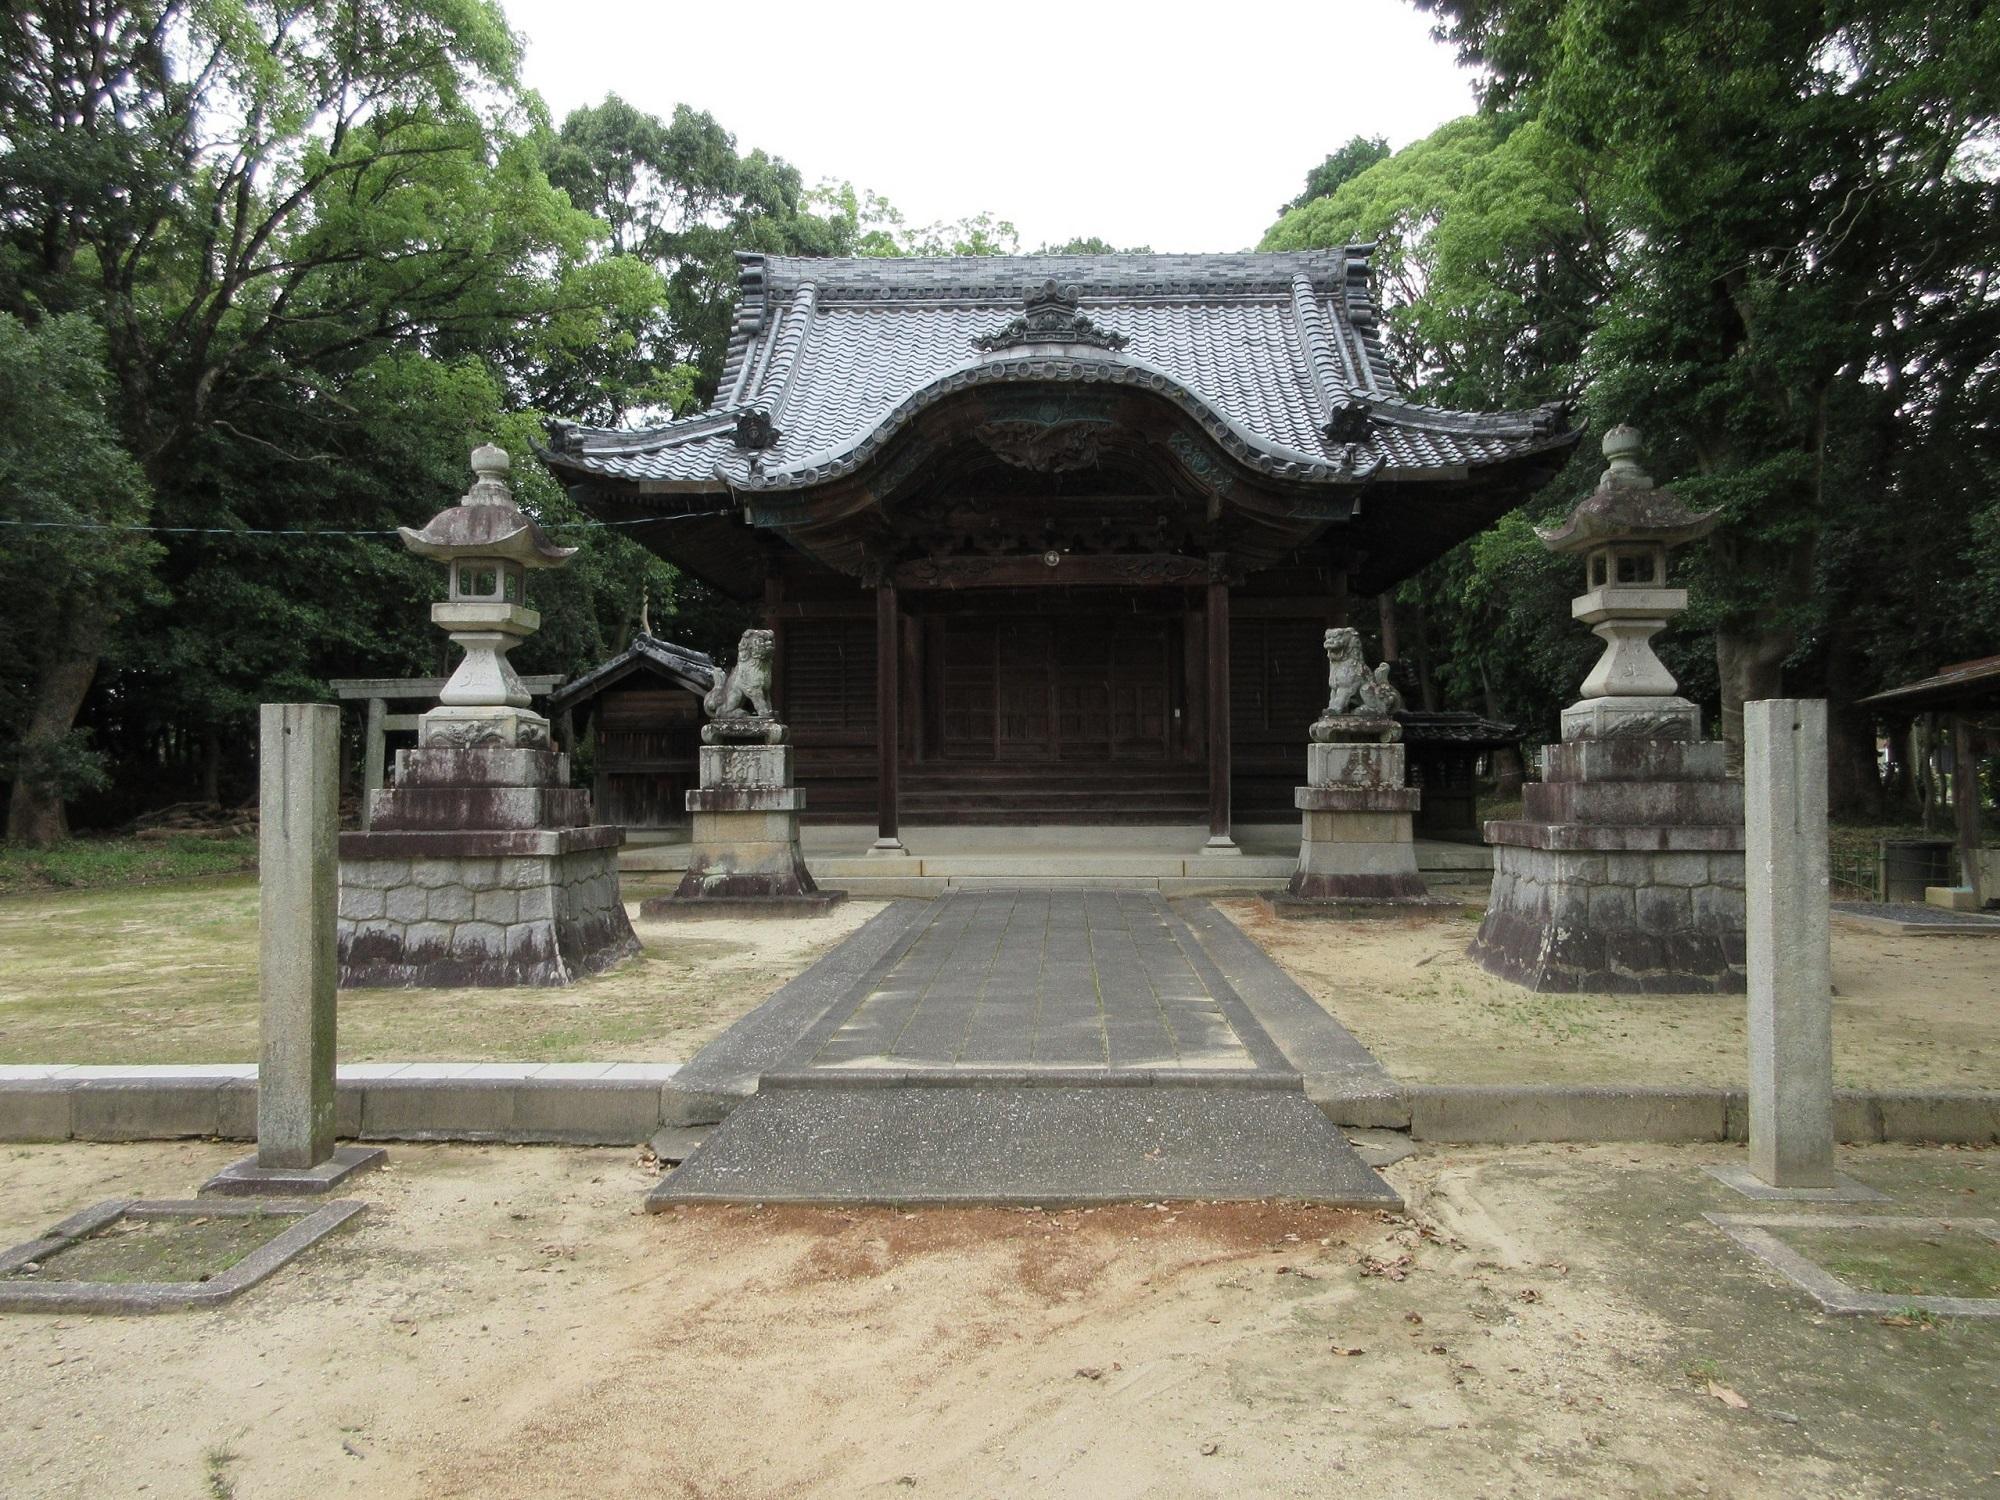 2020.7.23 (10) 小針神明社 - 拝殿 2000-1500